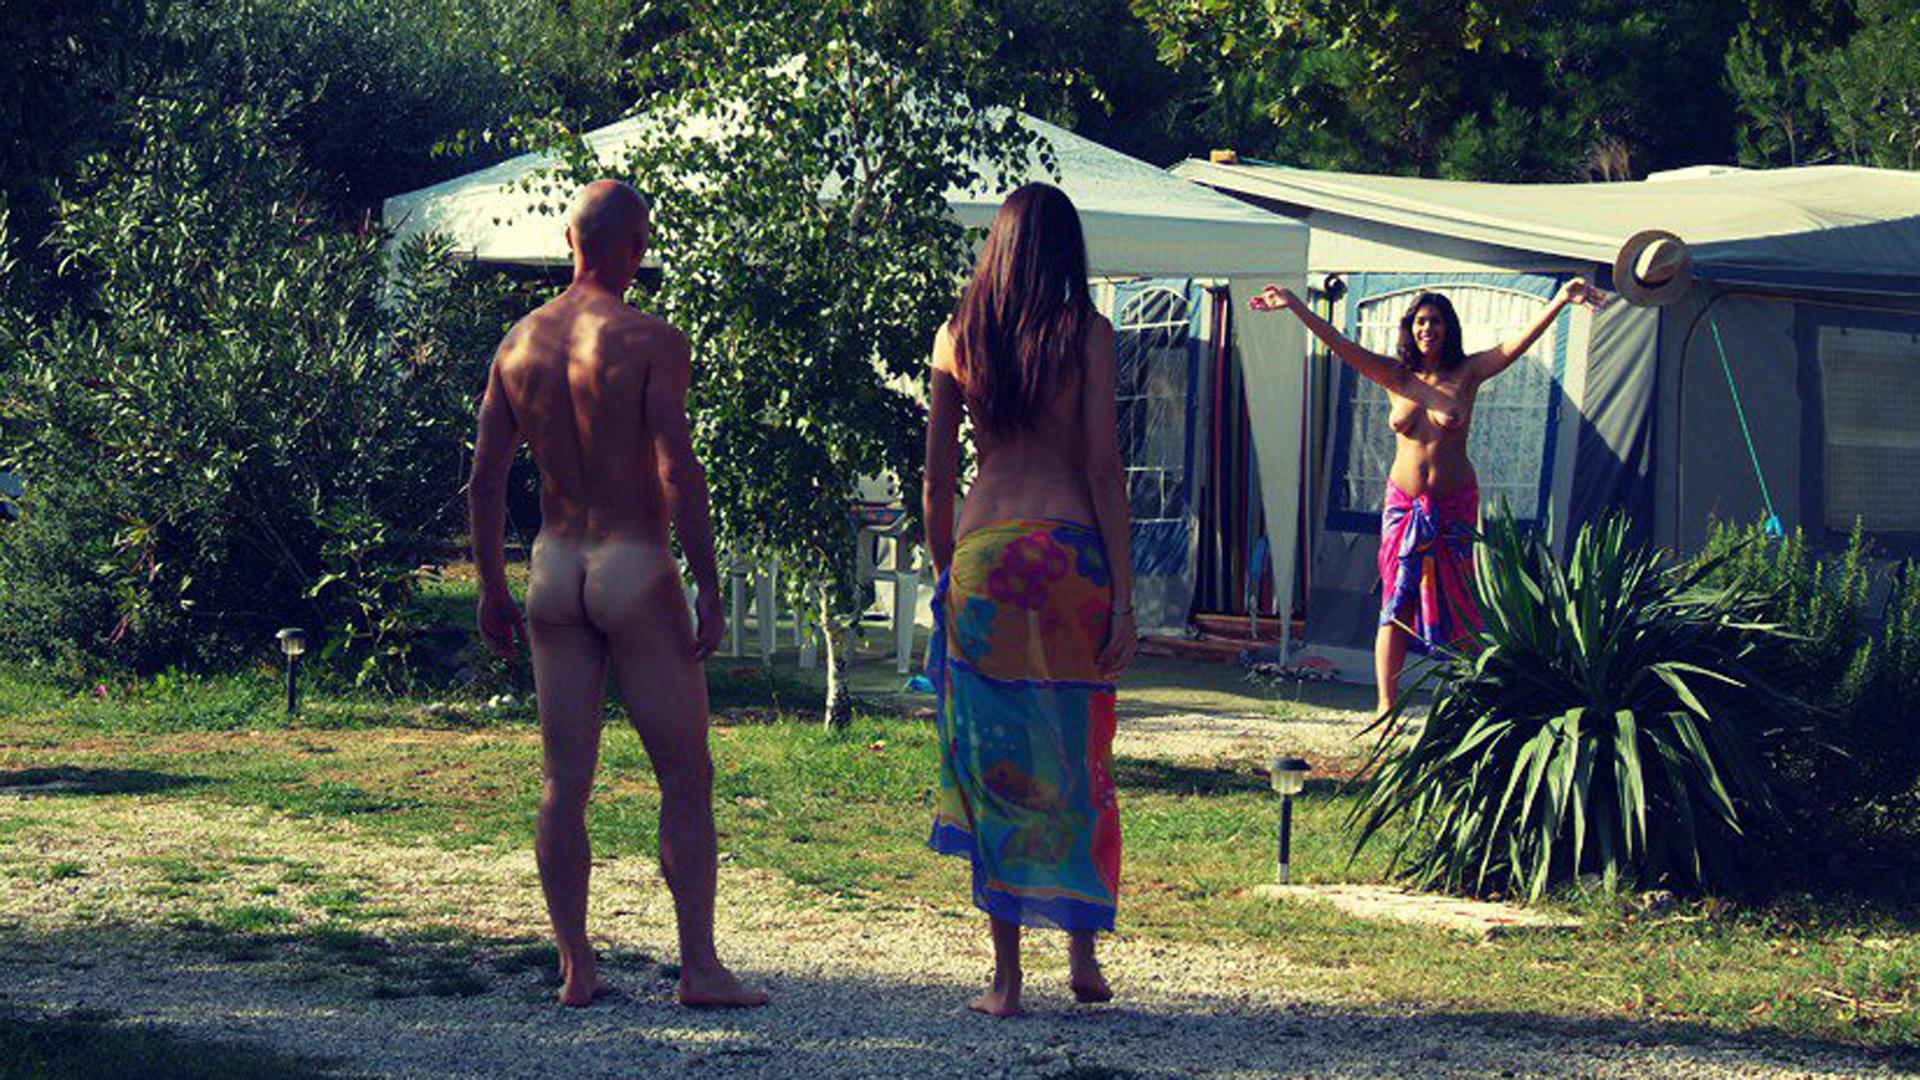 La ciudad permite el desnudo también fuera de sus playas